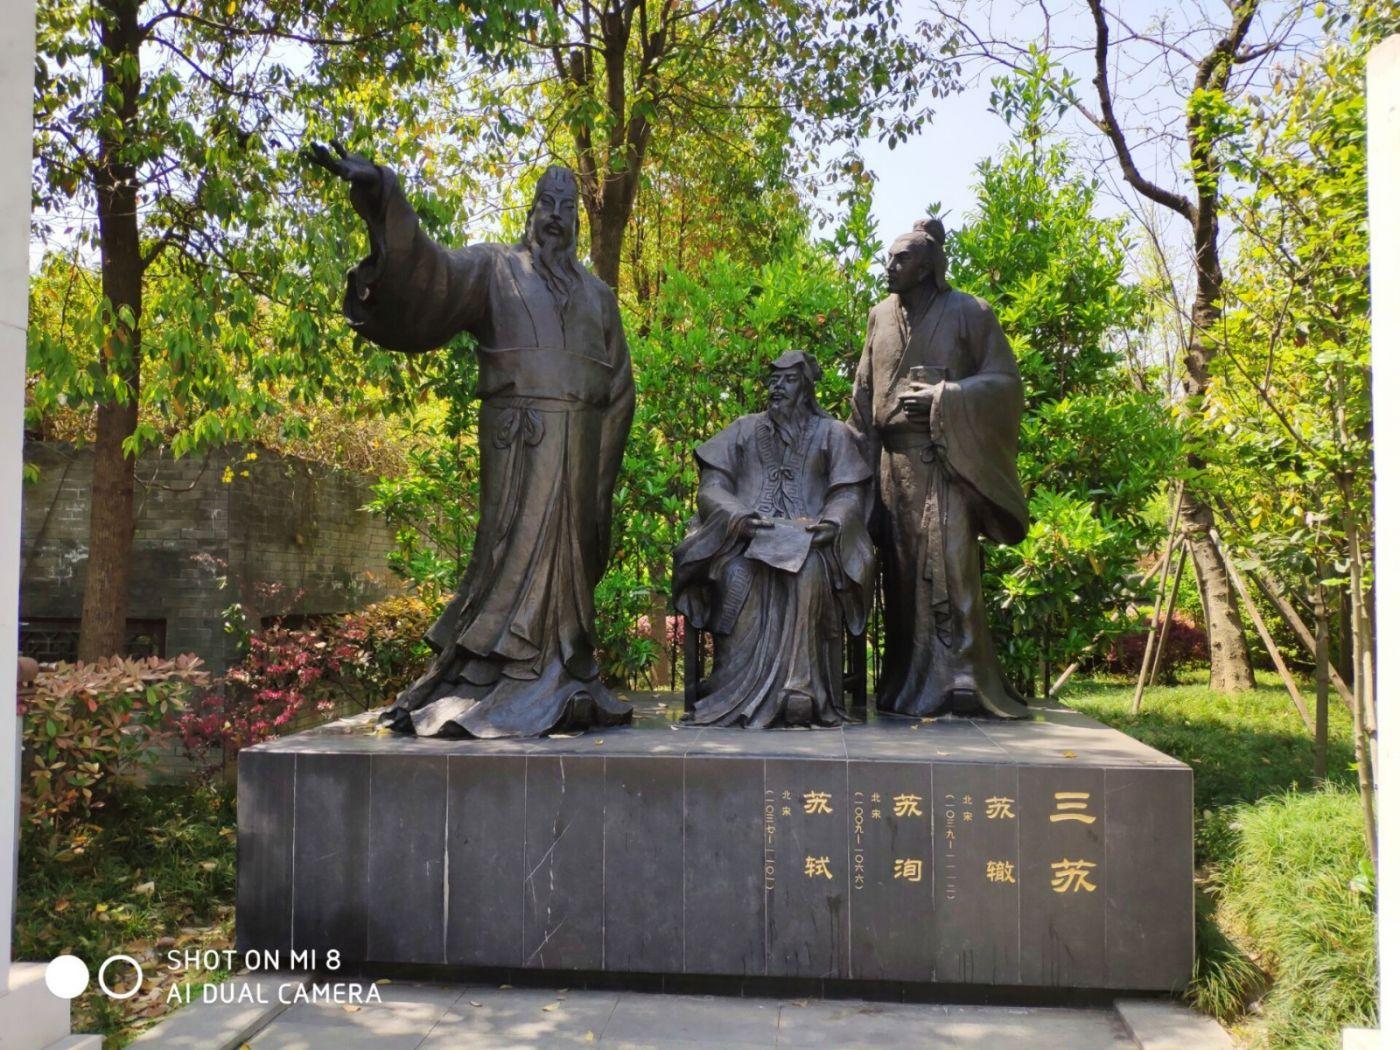 杜甫草堂2与涴花溪公园_图1-20